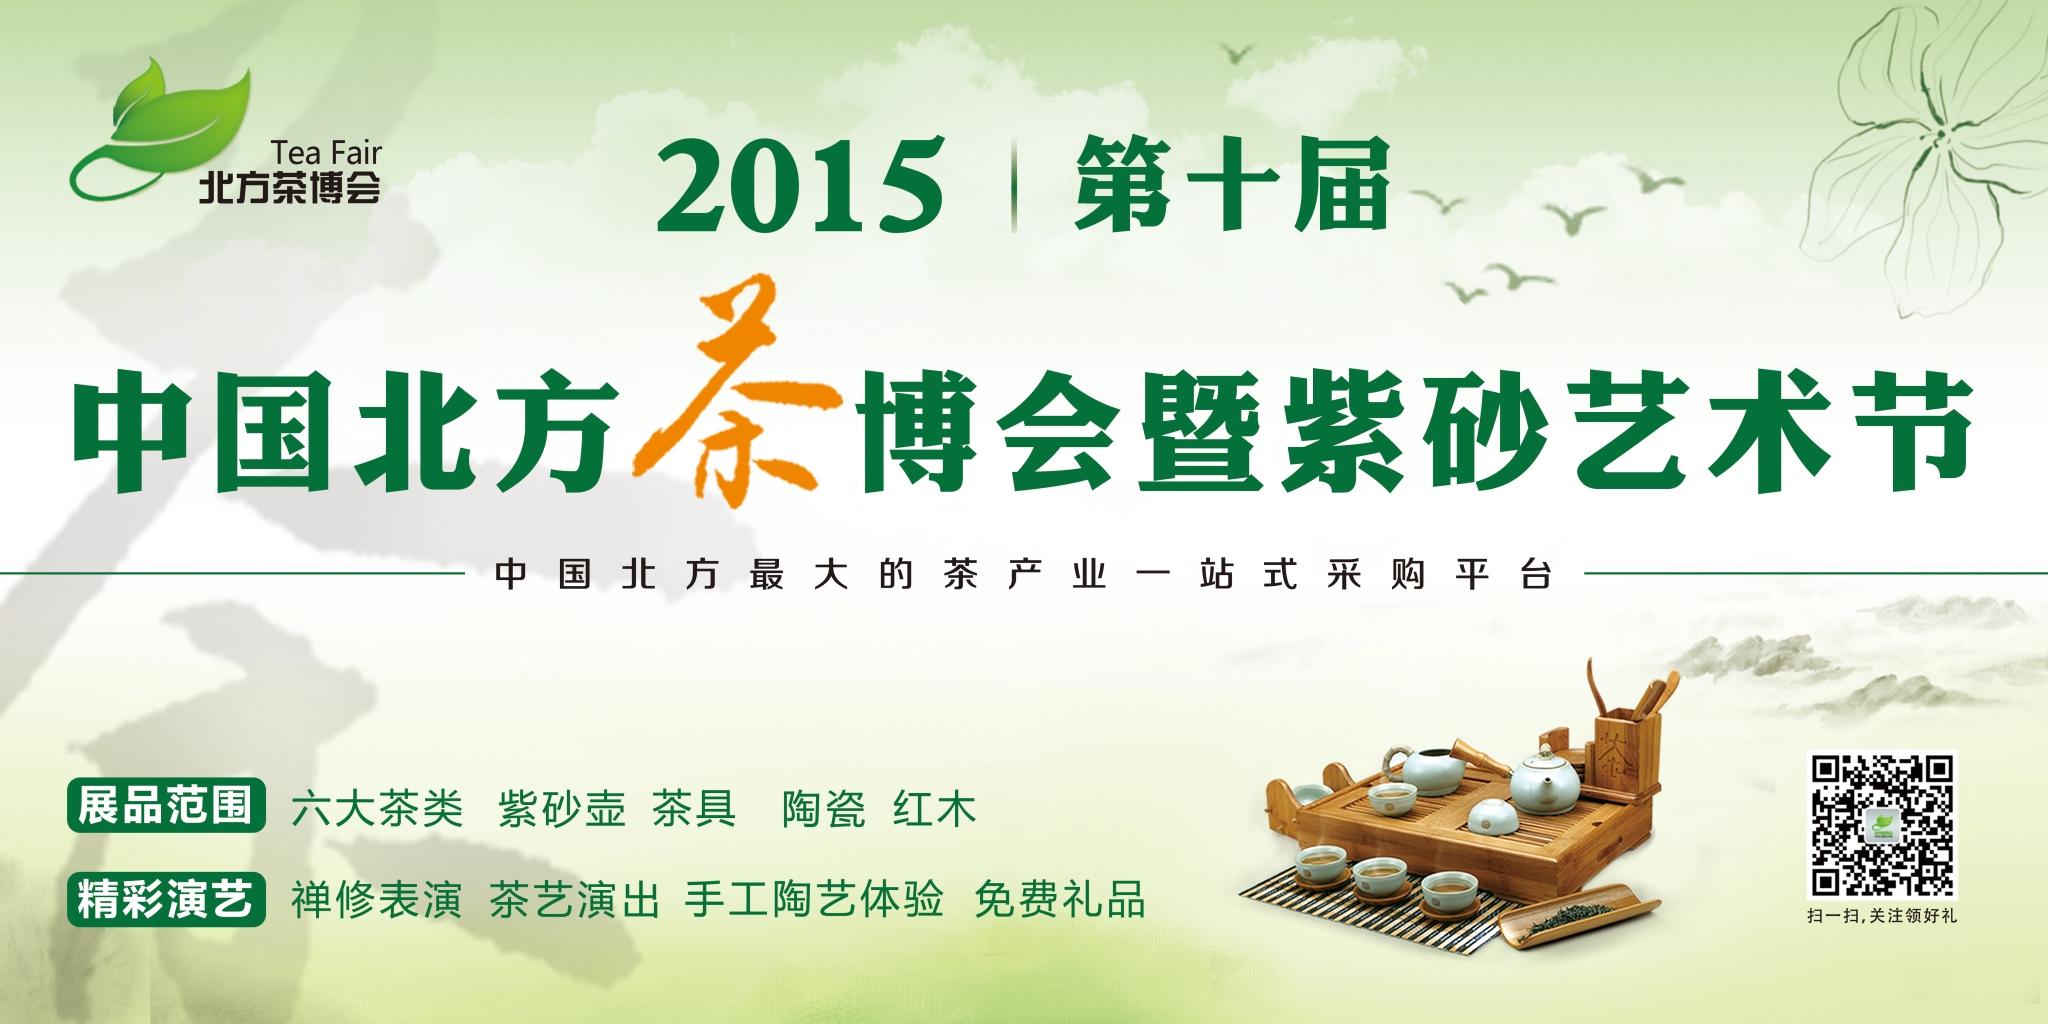 2015年中国北方茶博会正式启动招商